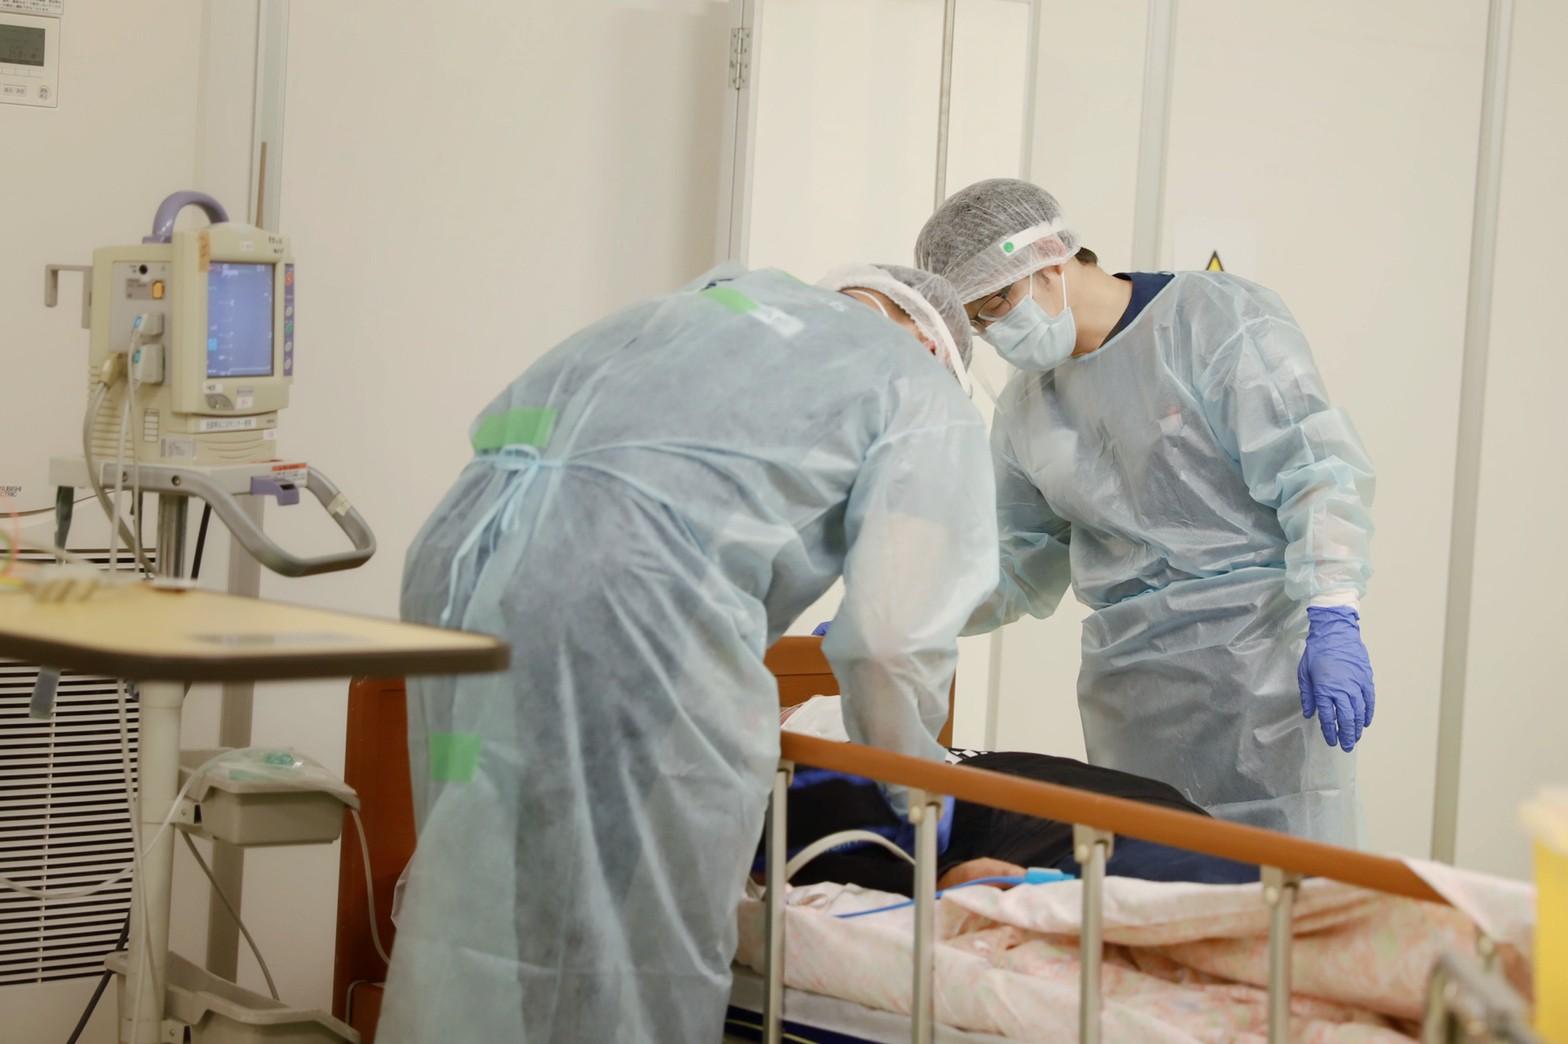 【新型コロナウイルス緊急支援】岡山県の「一時療養待機所」へ医療チームを派遣